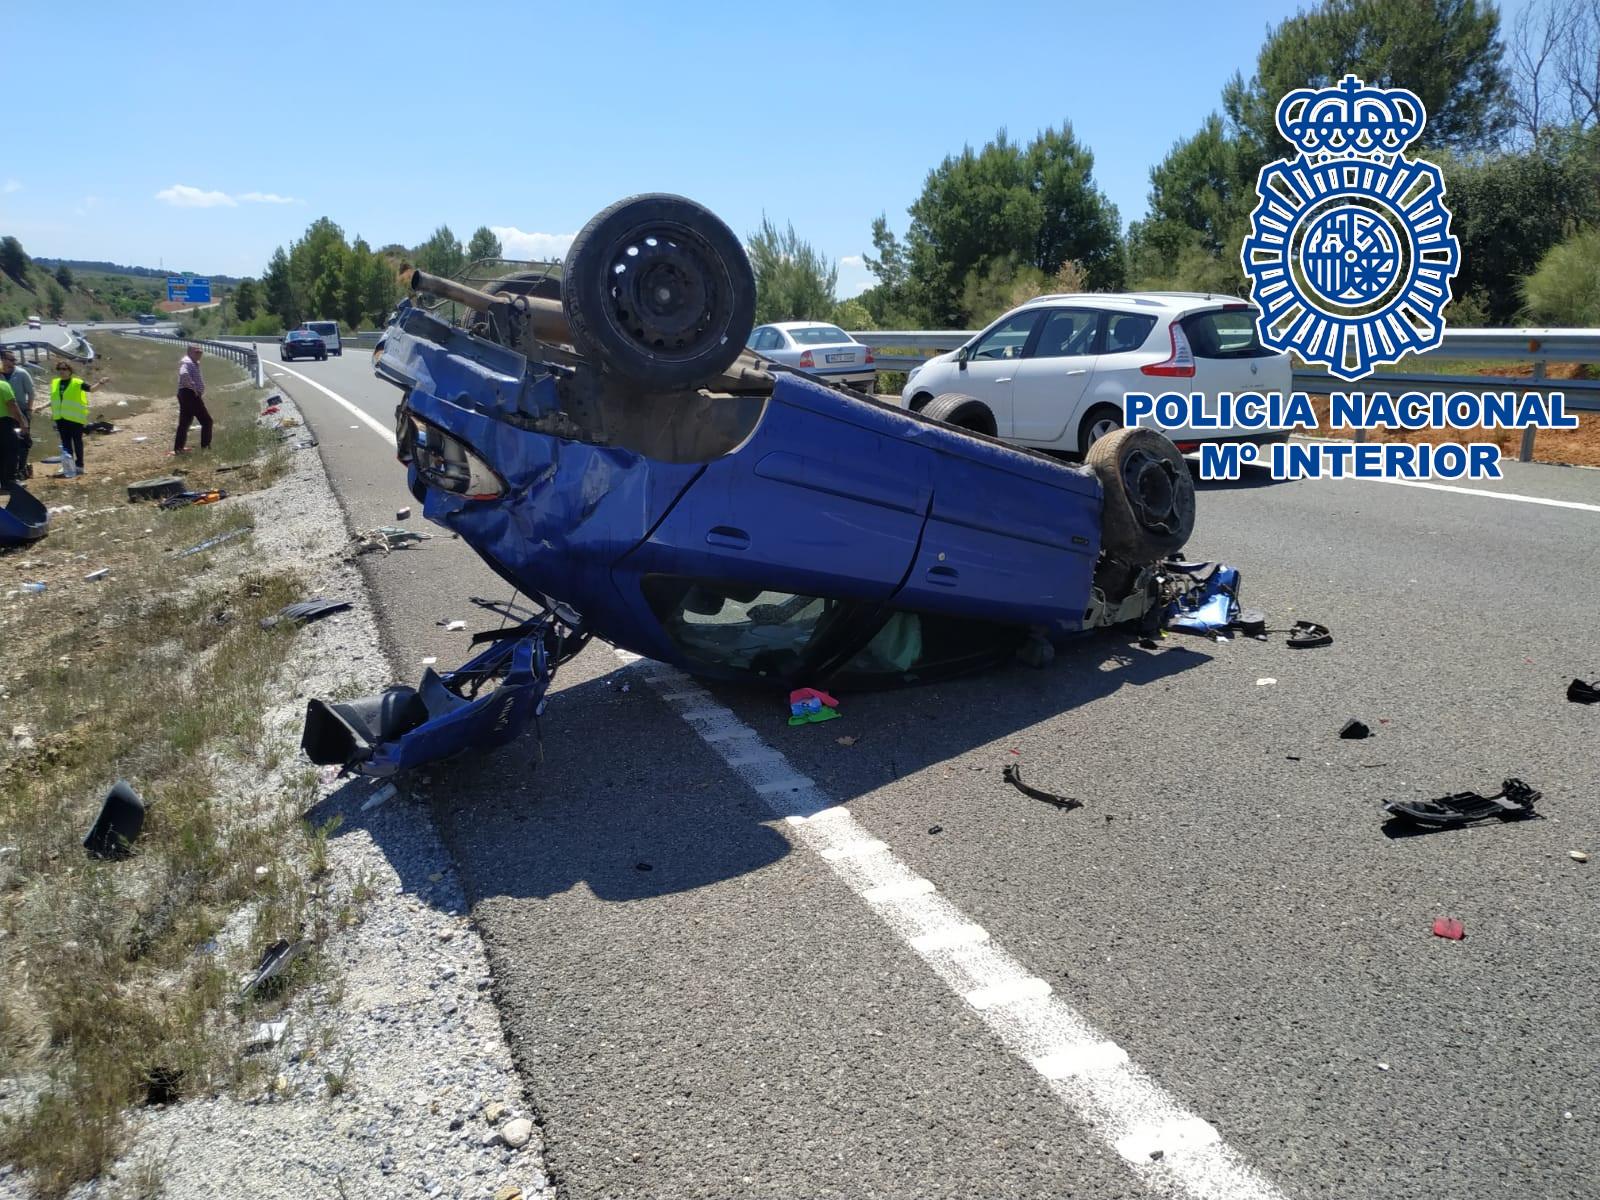 Tres policías nacionales rescatan de un vehículo a un joven que había sufrido un aparatoso accidente